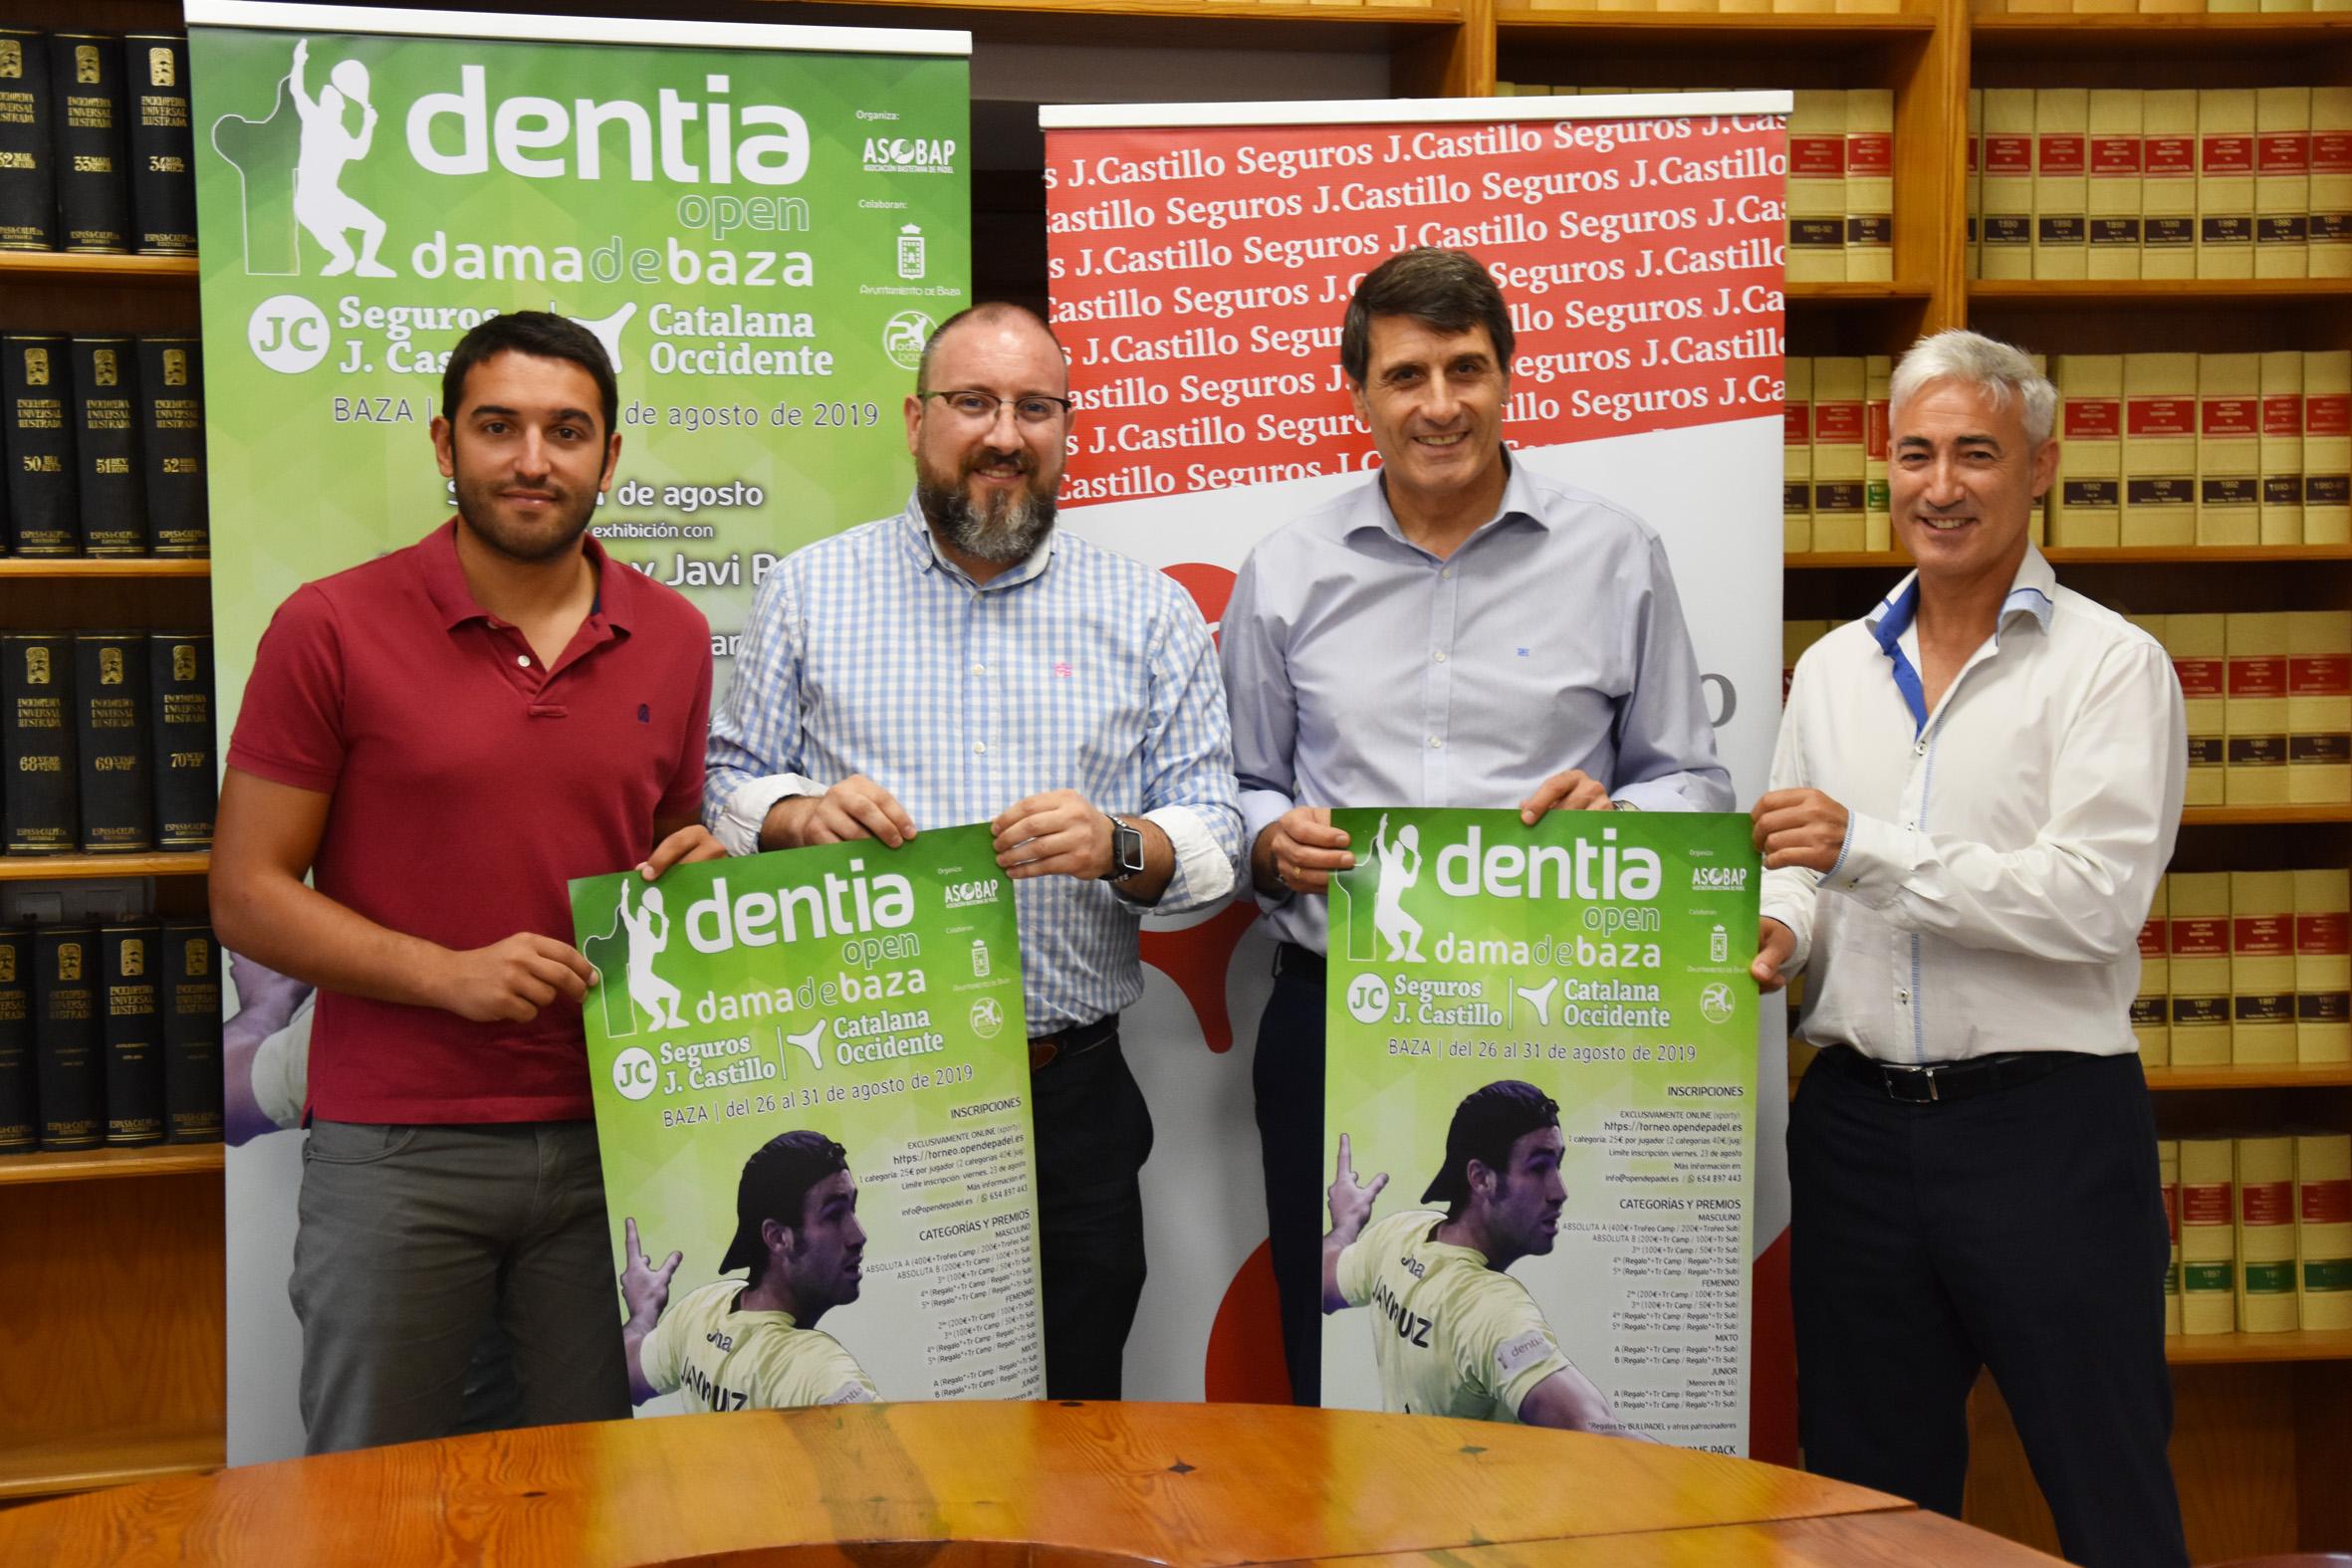 Presentación Open Dentia Baza